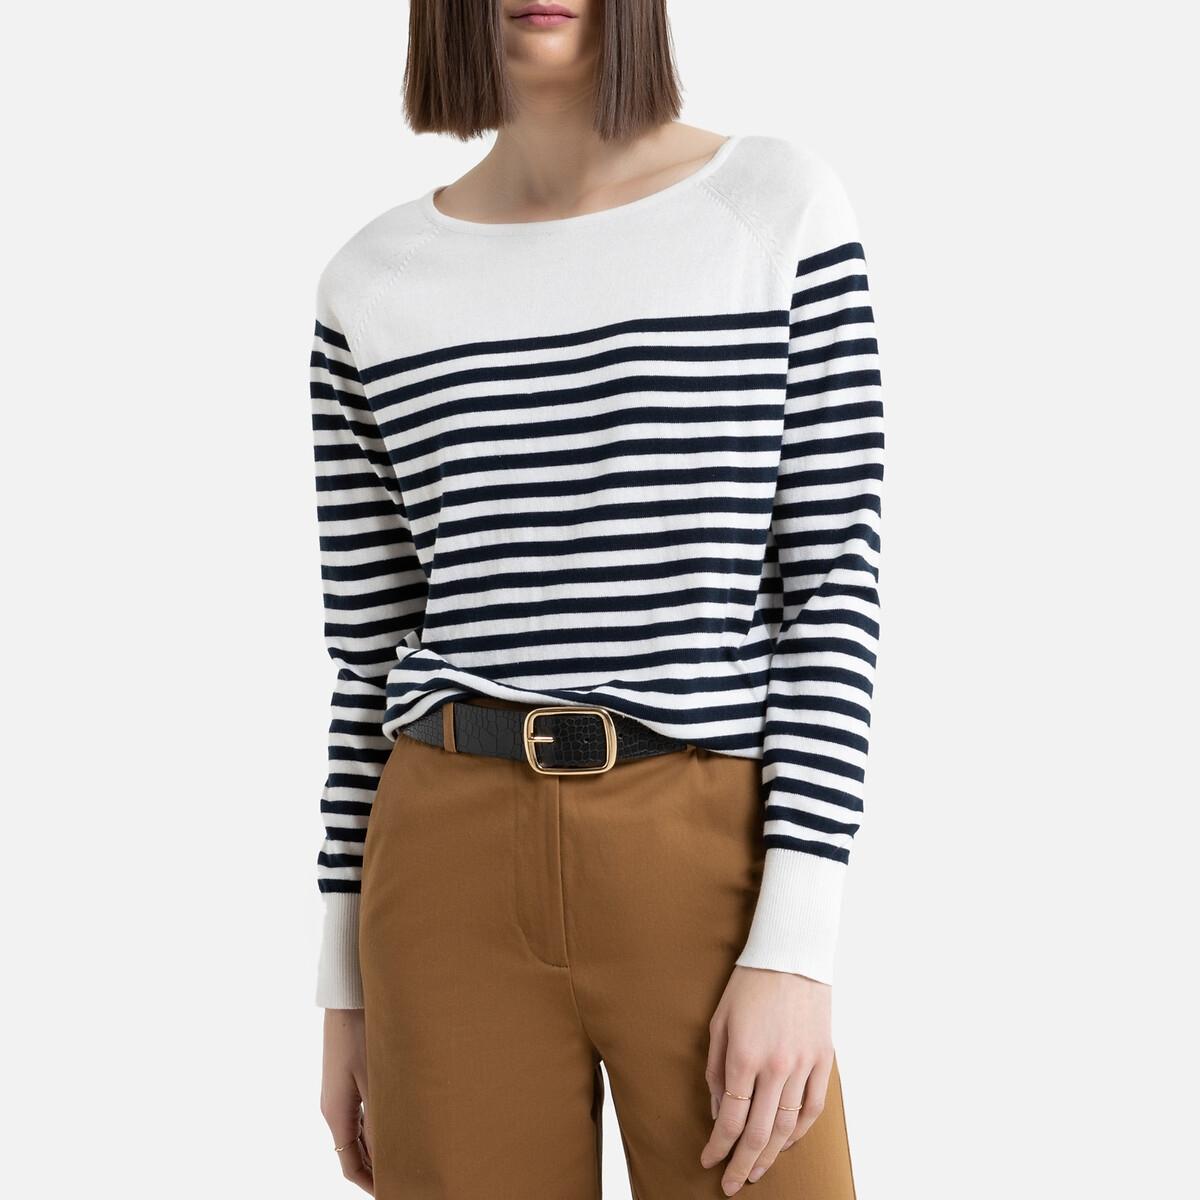 Jersey de estilo marinero con cuello barco, de punto fino